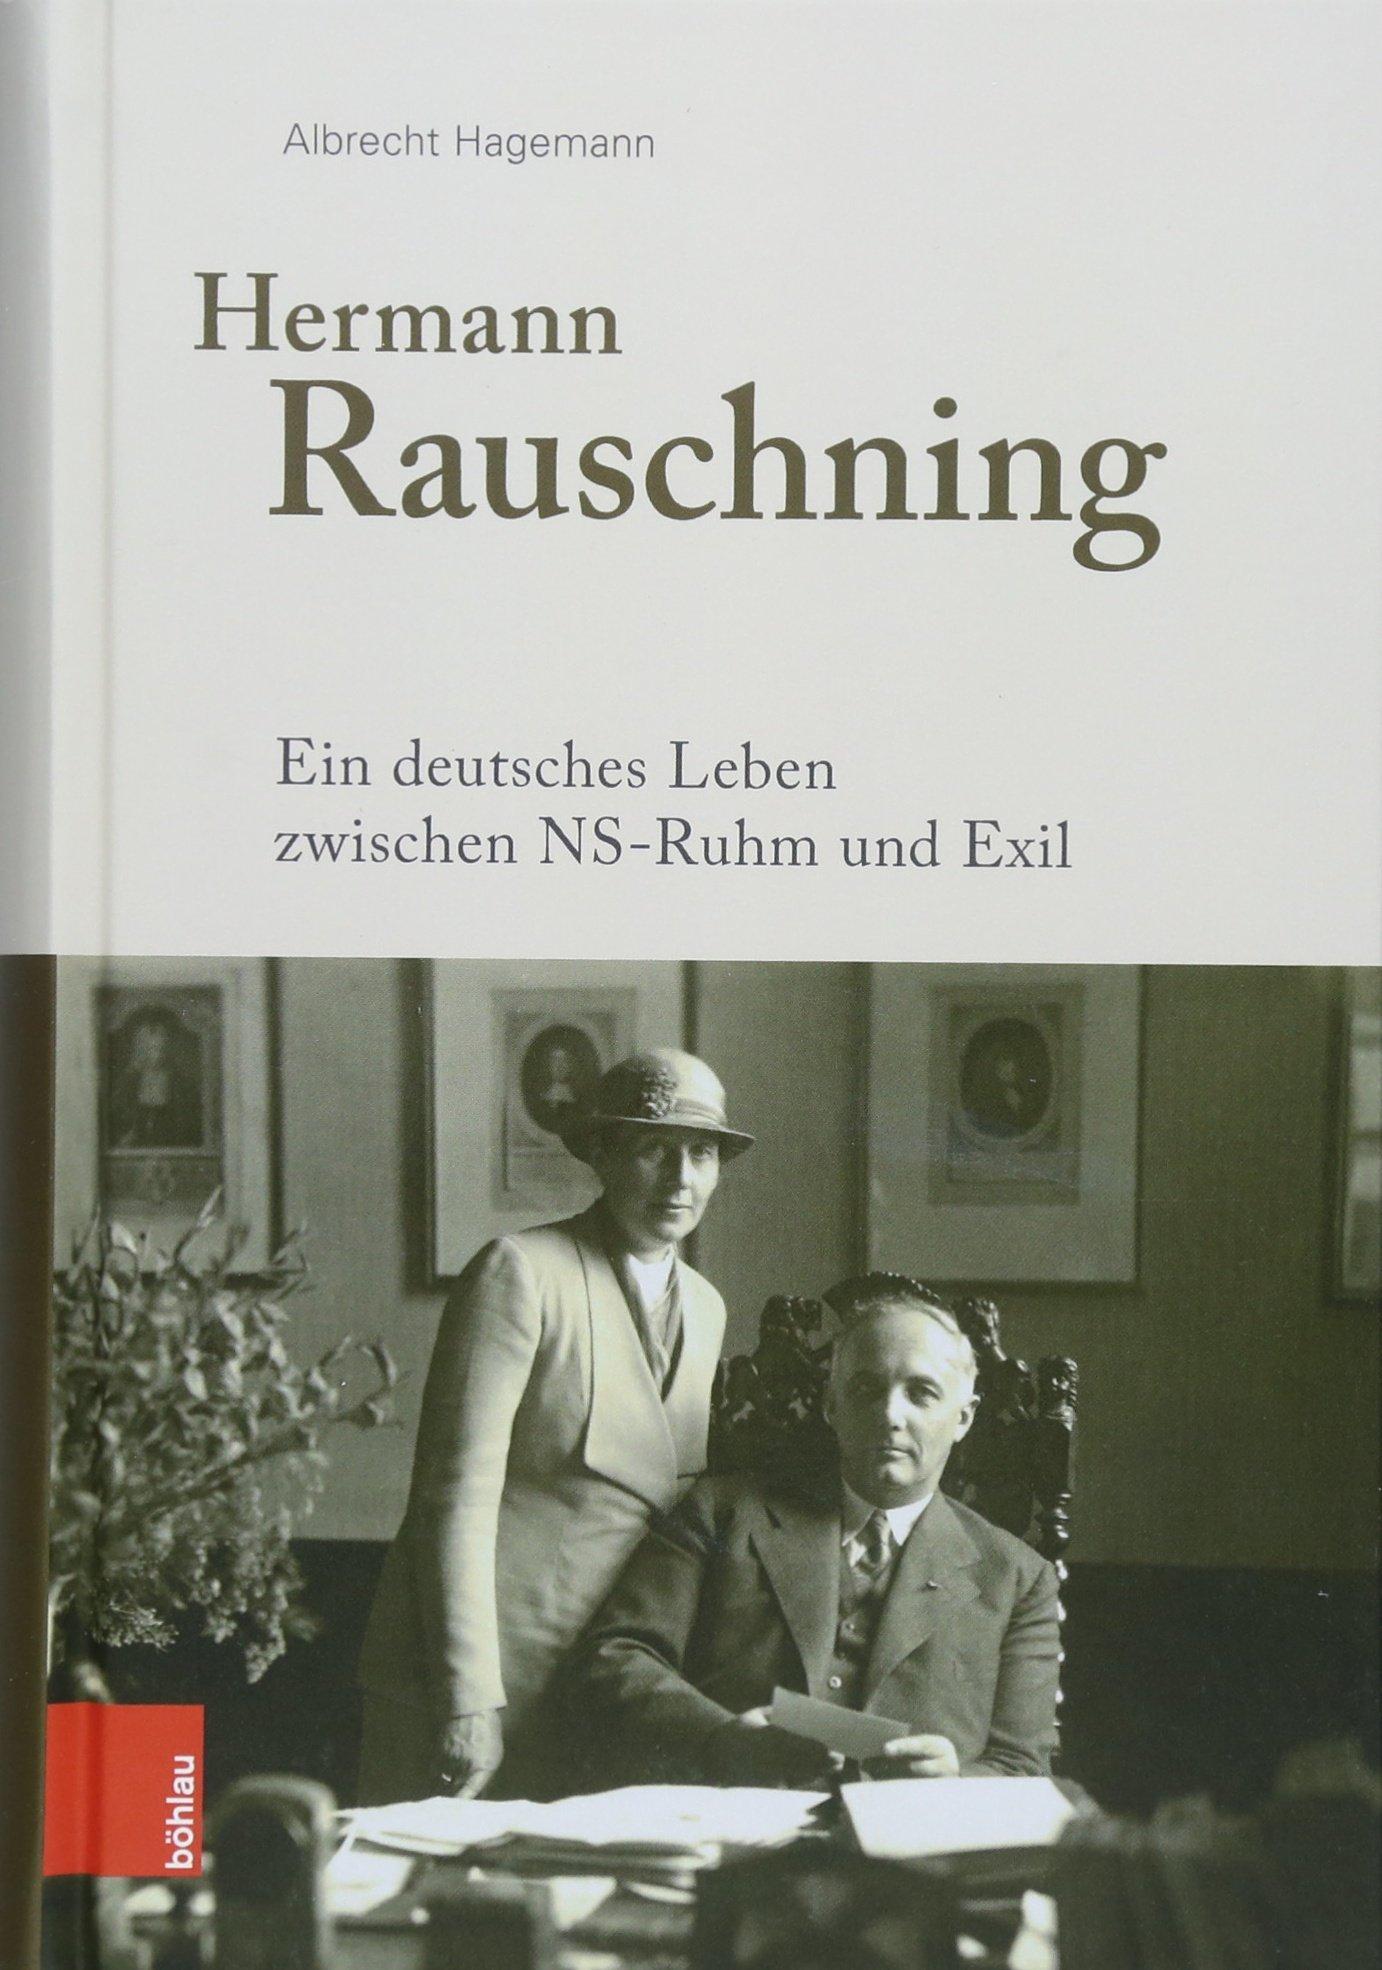 Hermann Rauschning: Ein deutsches Leben zwischen NS-Ruhm und Exil